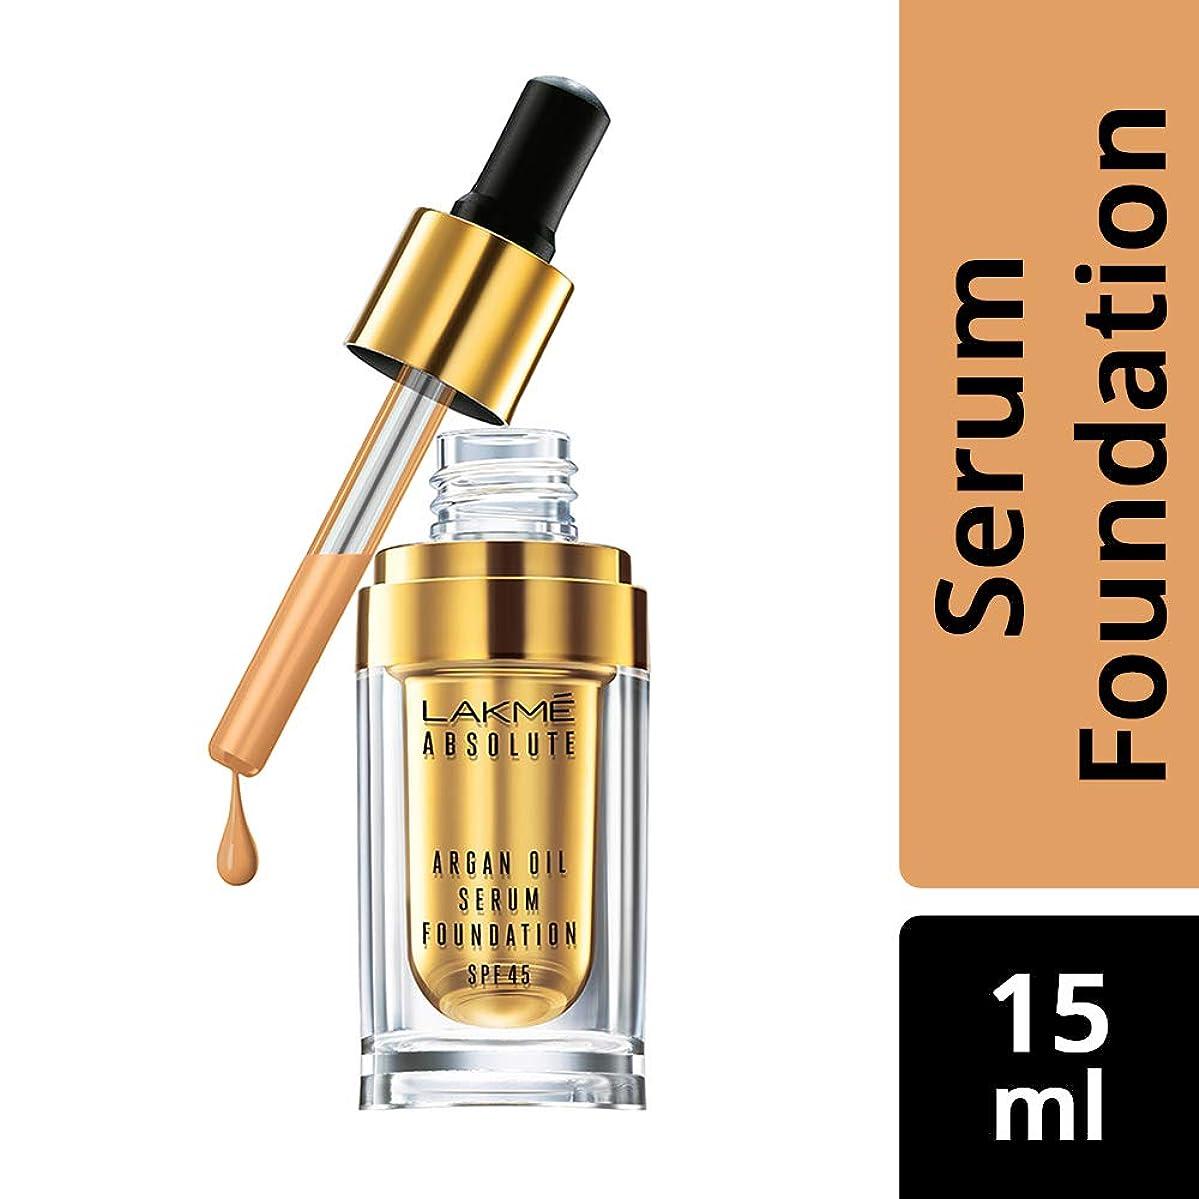 メカニックアロングマッサージLakme Absolute Argan Oil Serum Foundation with SPF 45, Ivory Cream, 15ml